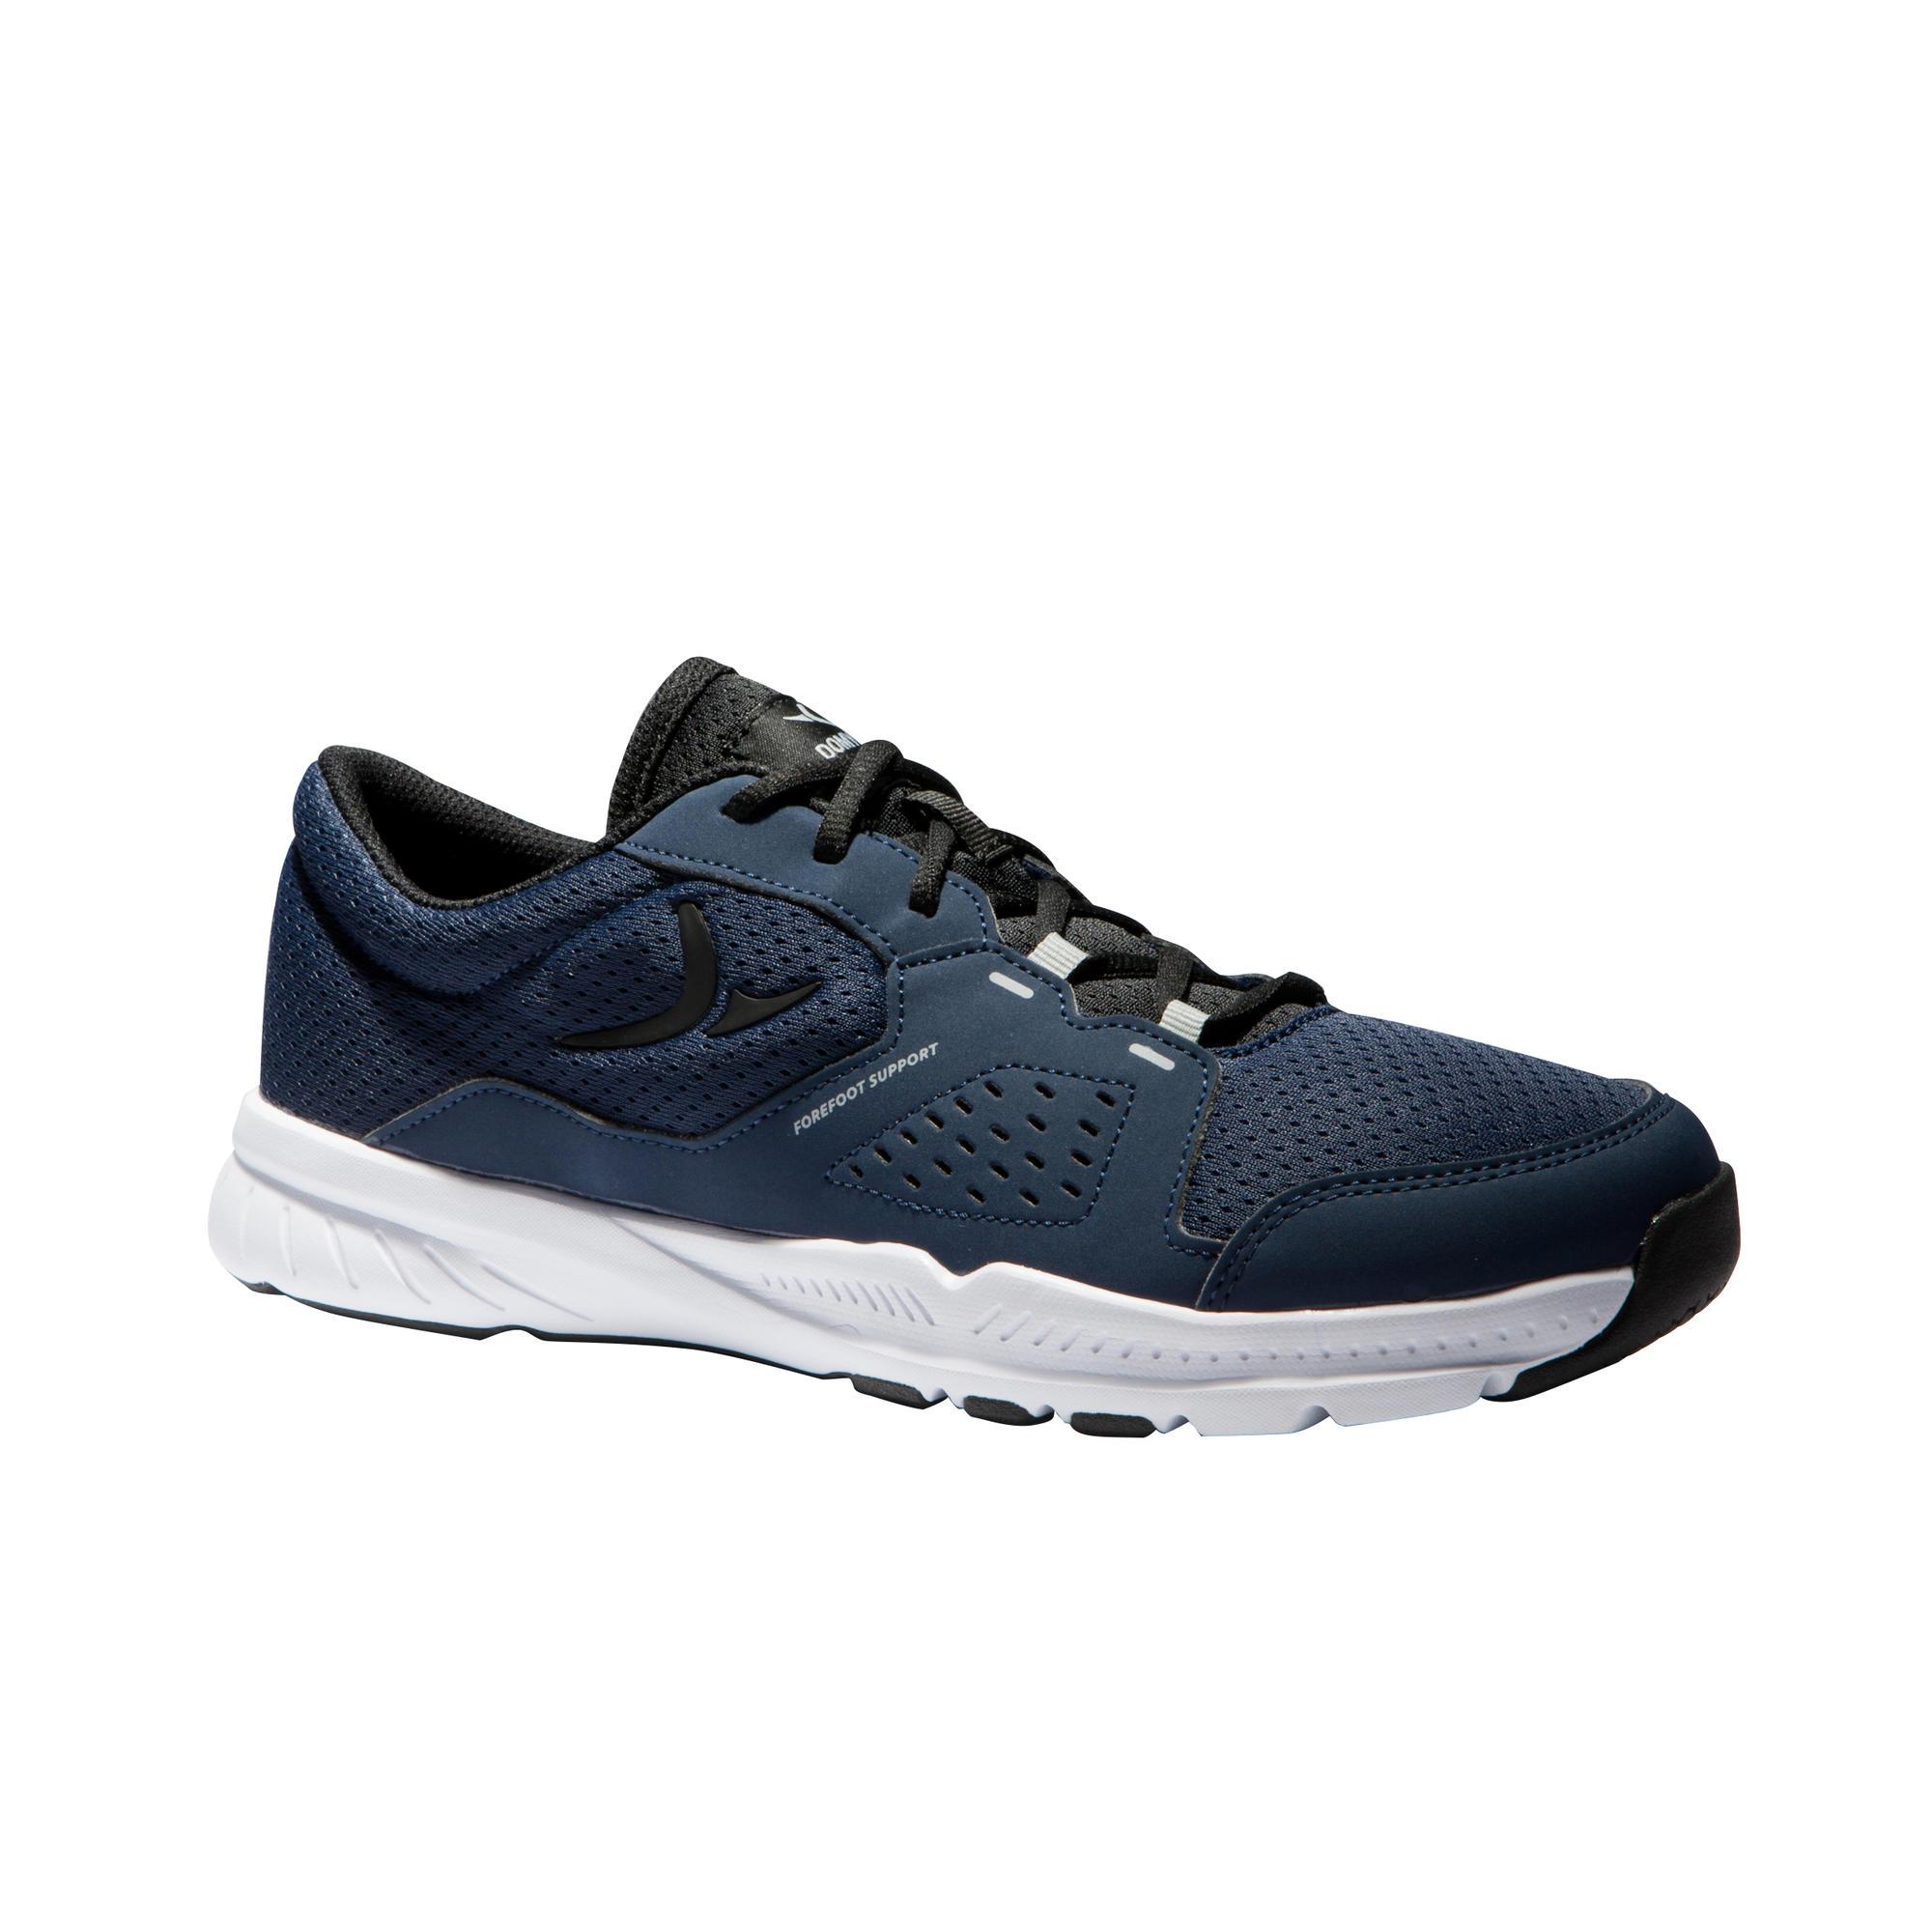 Domyos Chaussures Bleu Pour Les Hommes QXrUzTDyoA